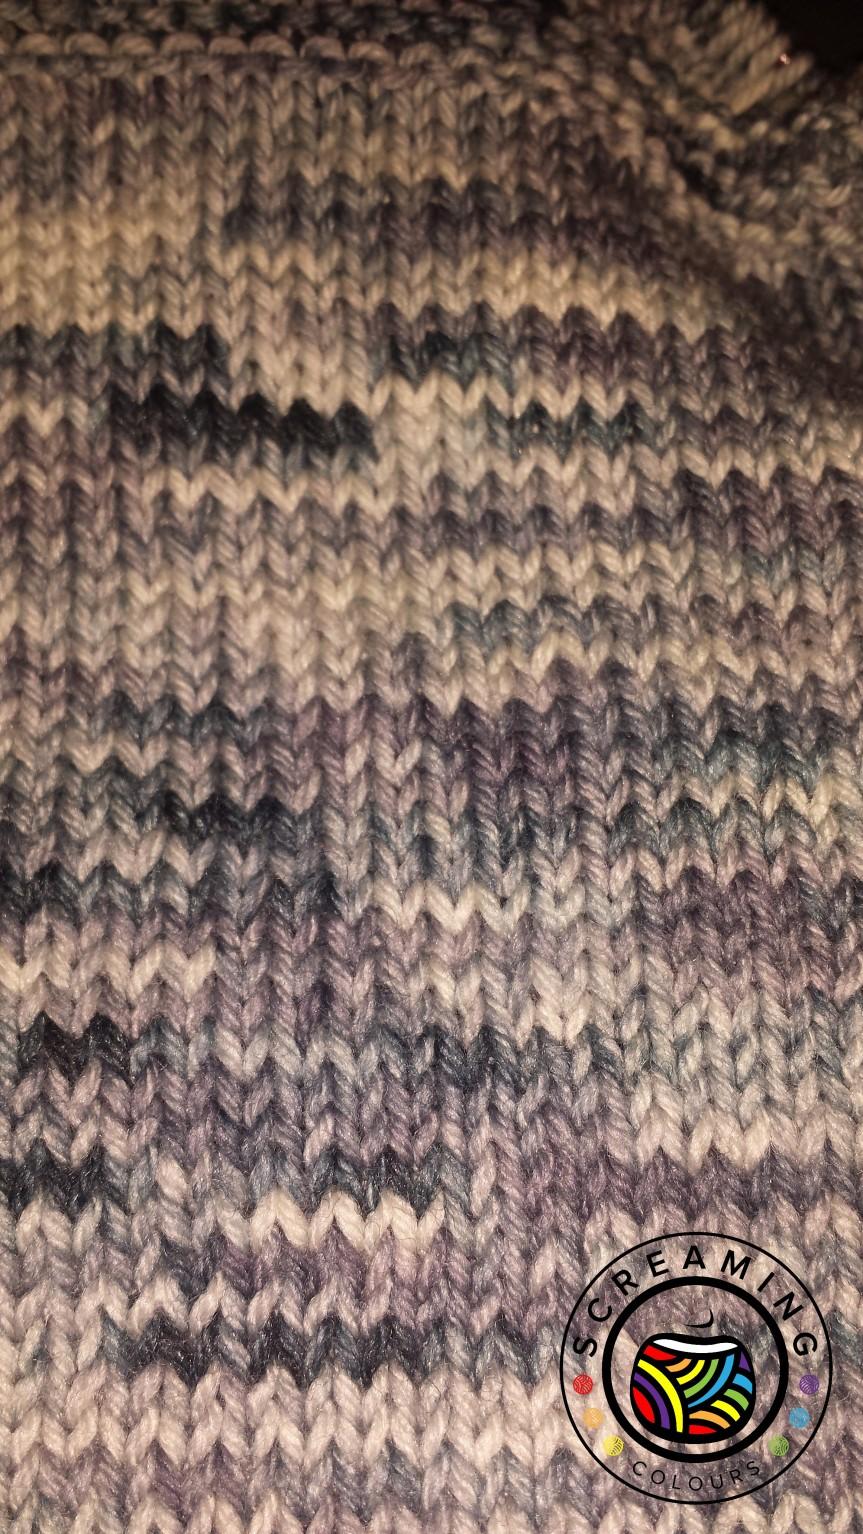 Strickbild Shades of Grey